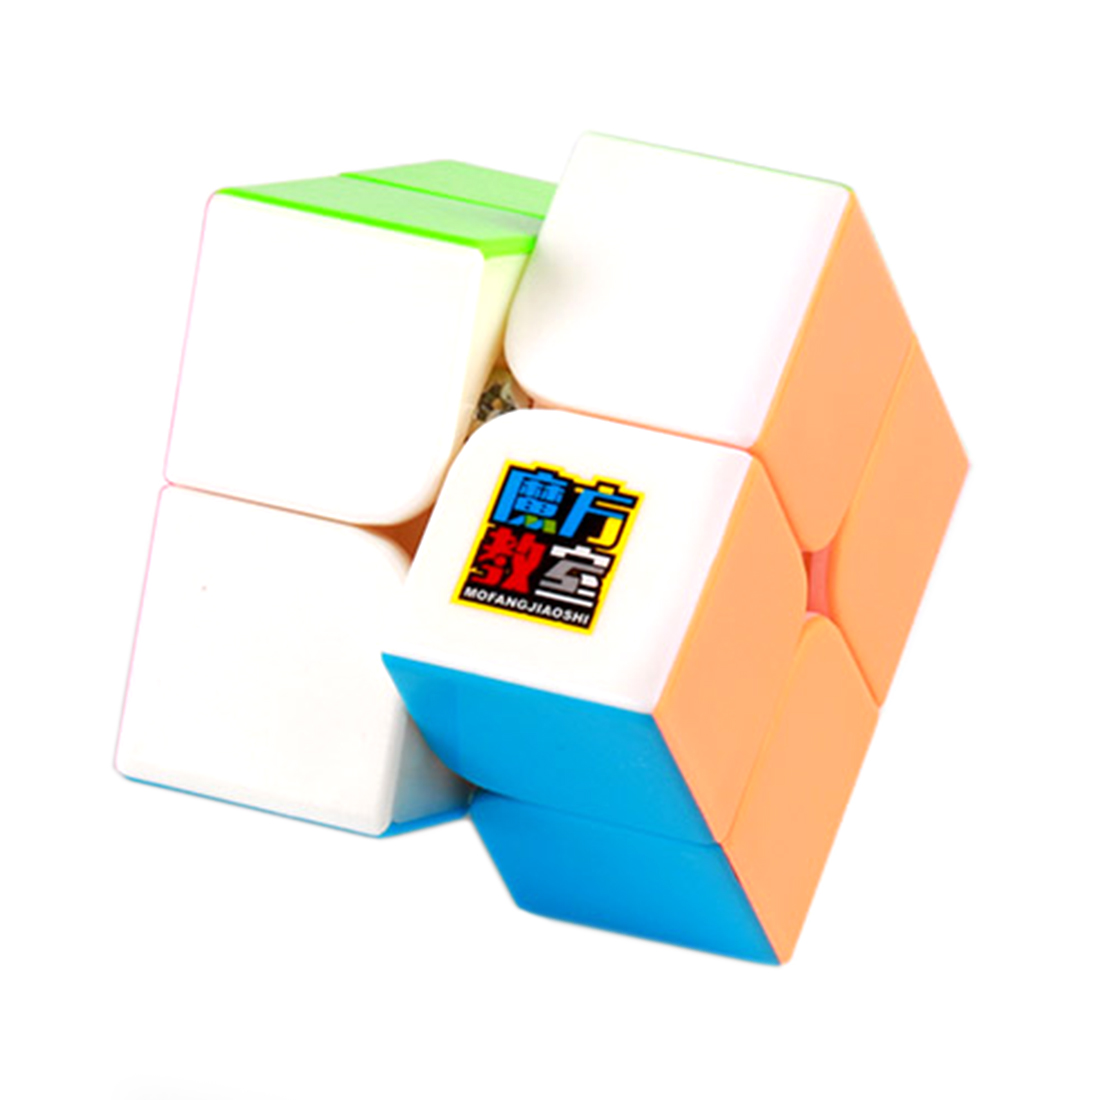 Nouvelle arrivée MF9310 Cubing salle de classe 2-7 étapes Cube magique ensemble avec emballage de boîte-cadeau pour la formation du cerveau - 6